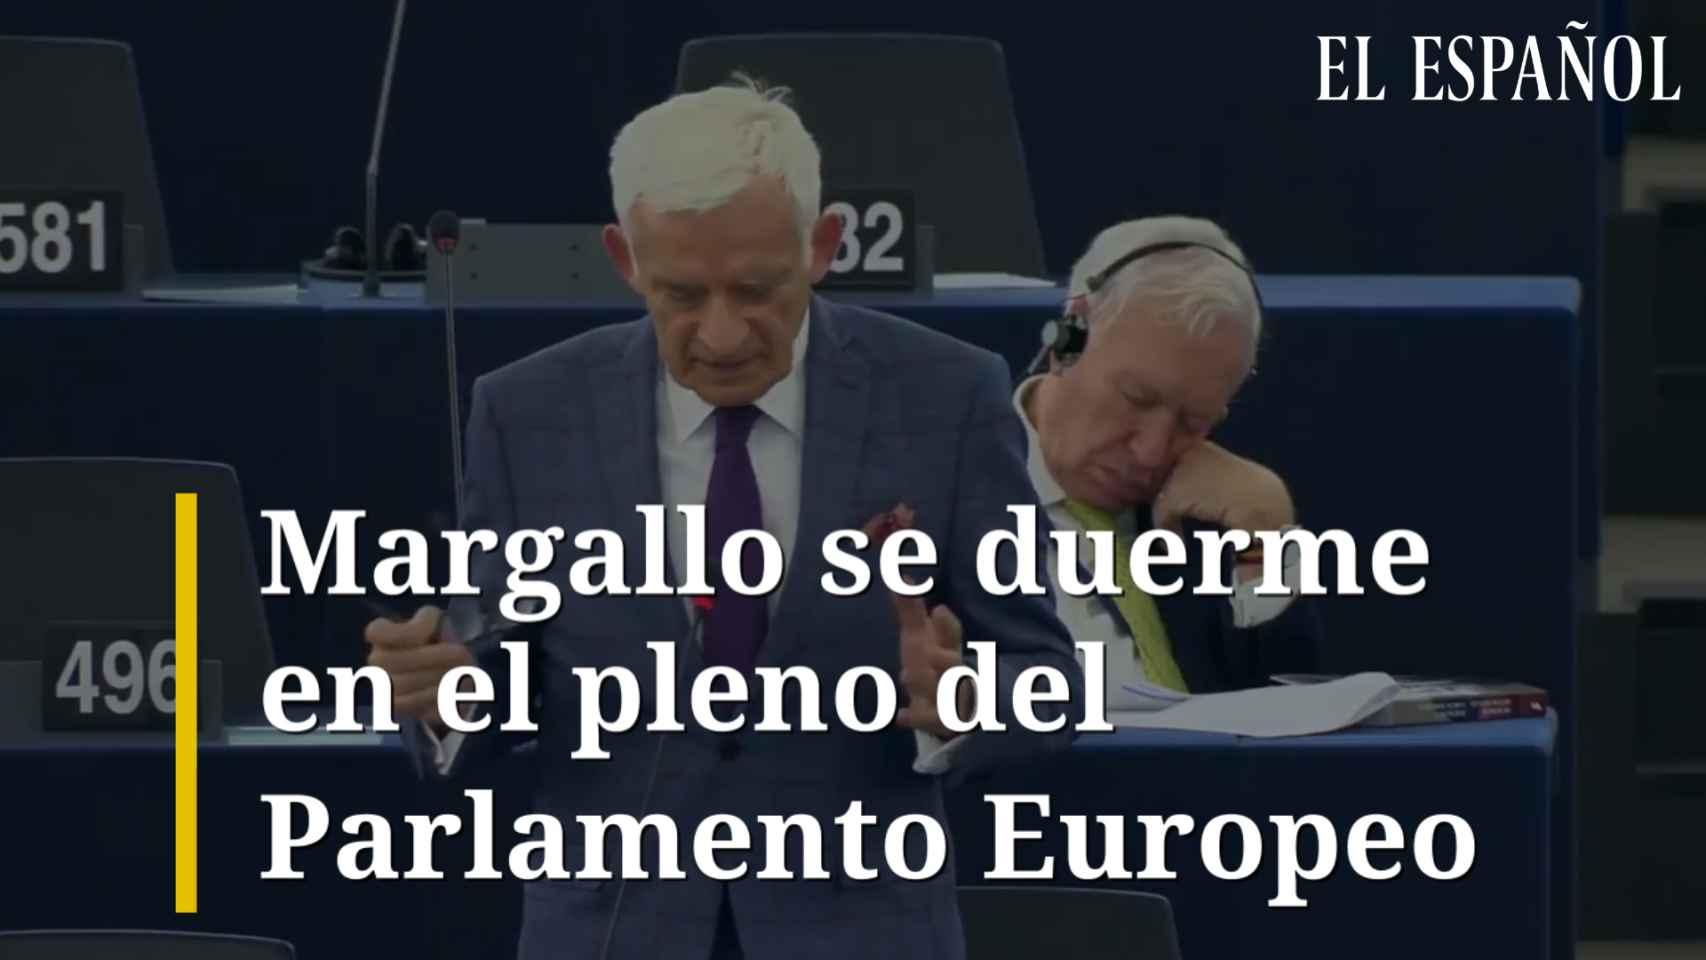 Margallo se duerme en el pleno del Parlamento Europeo